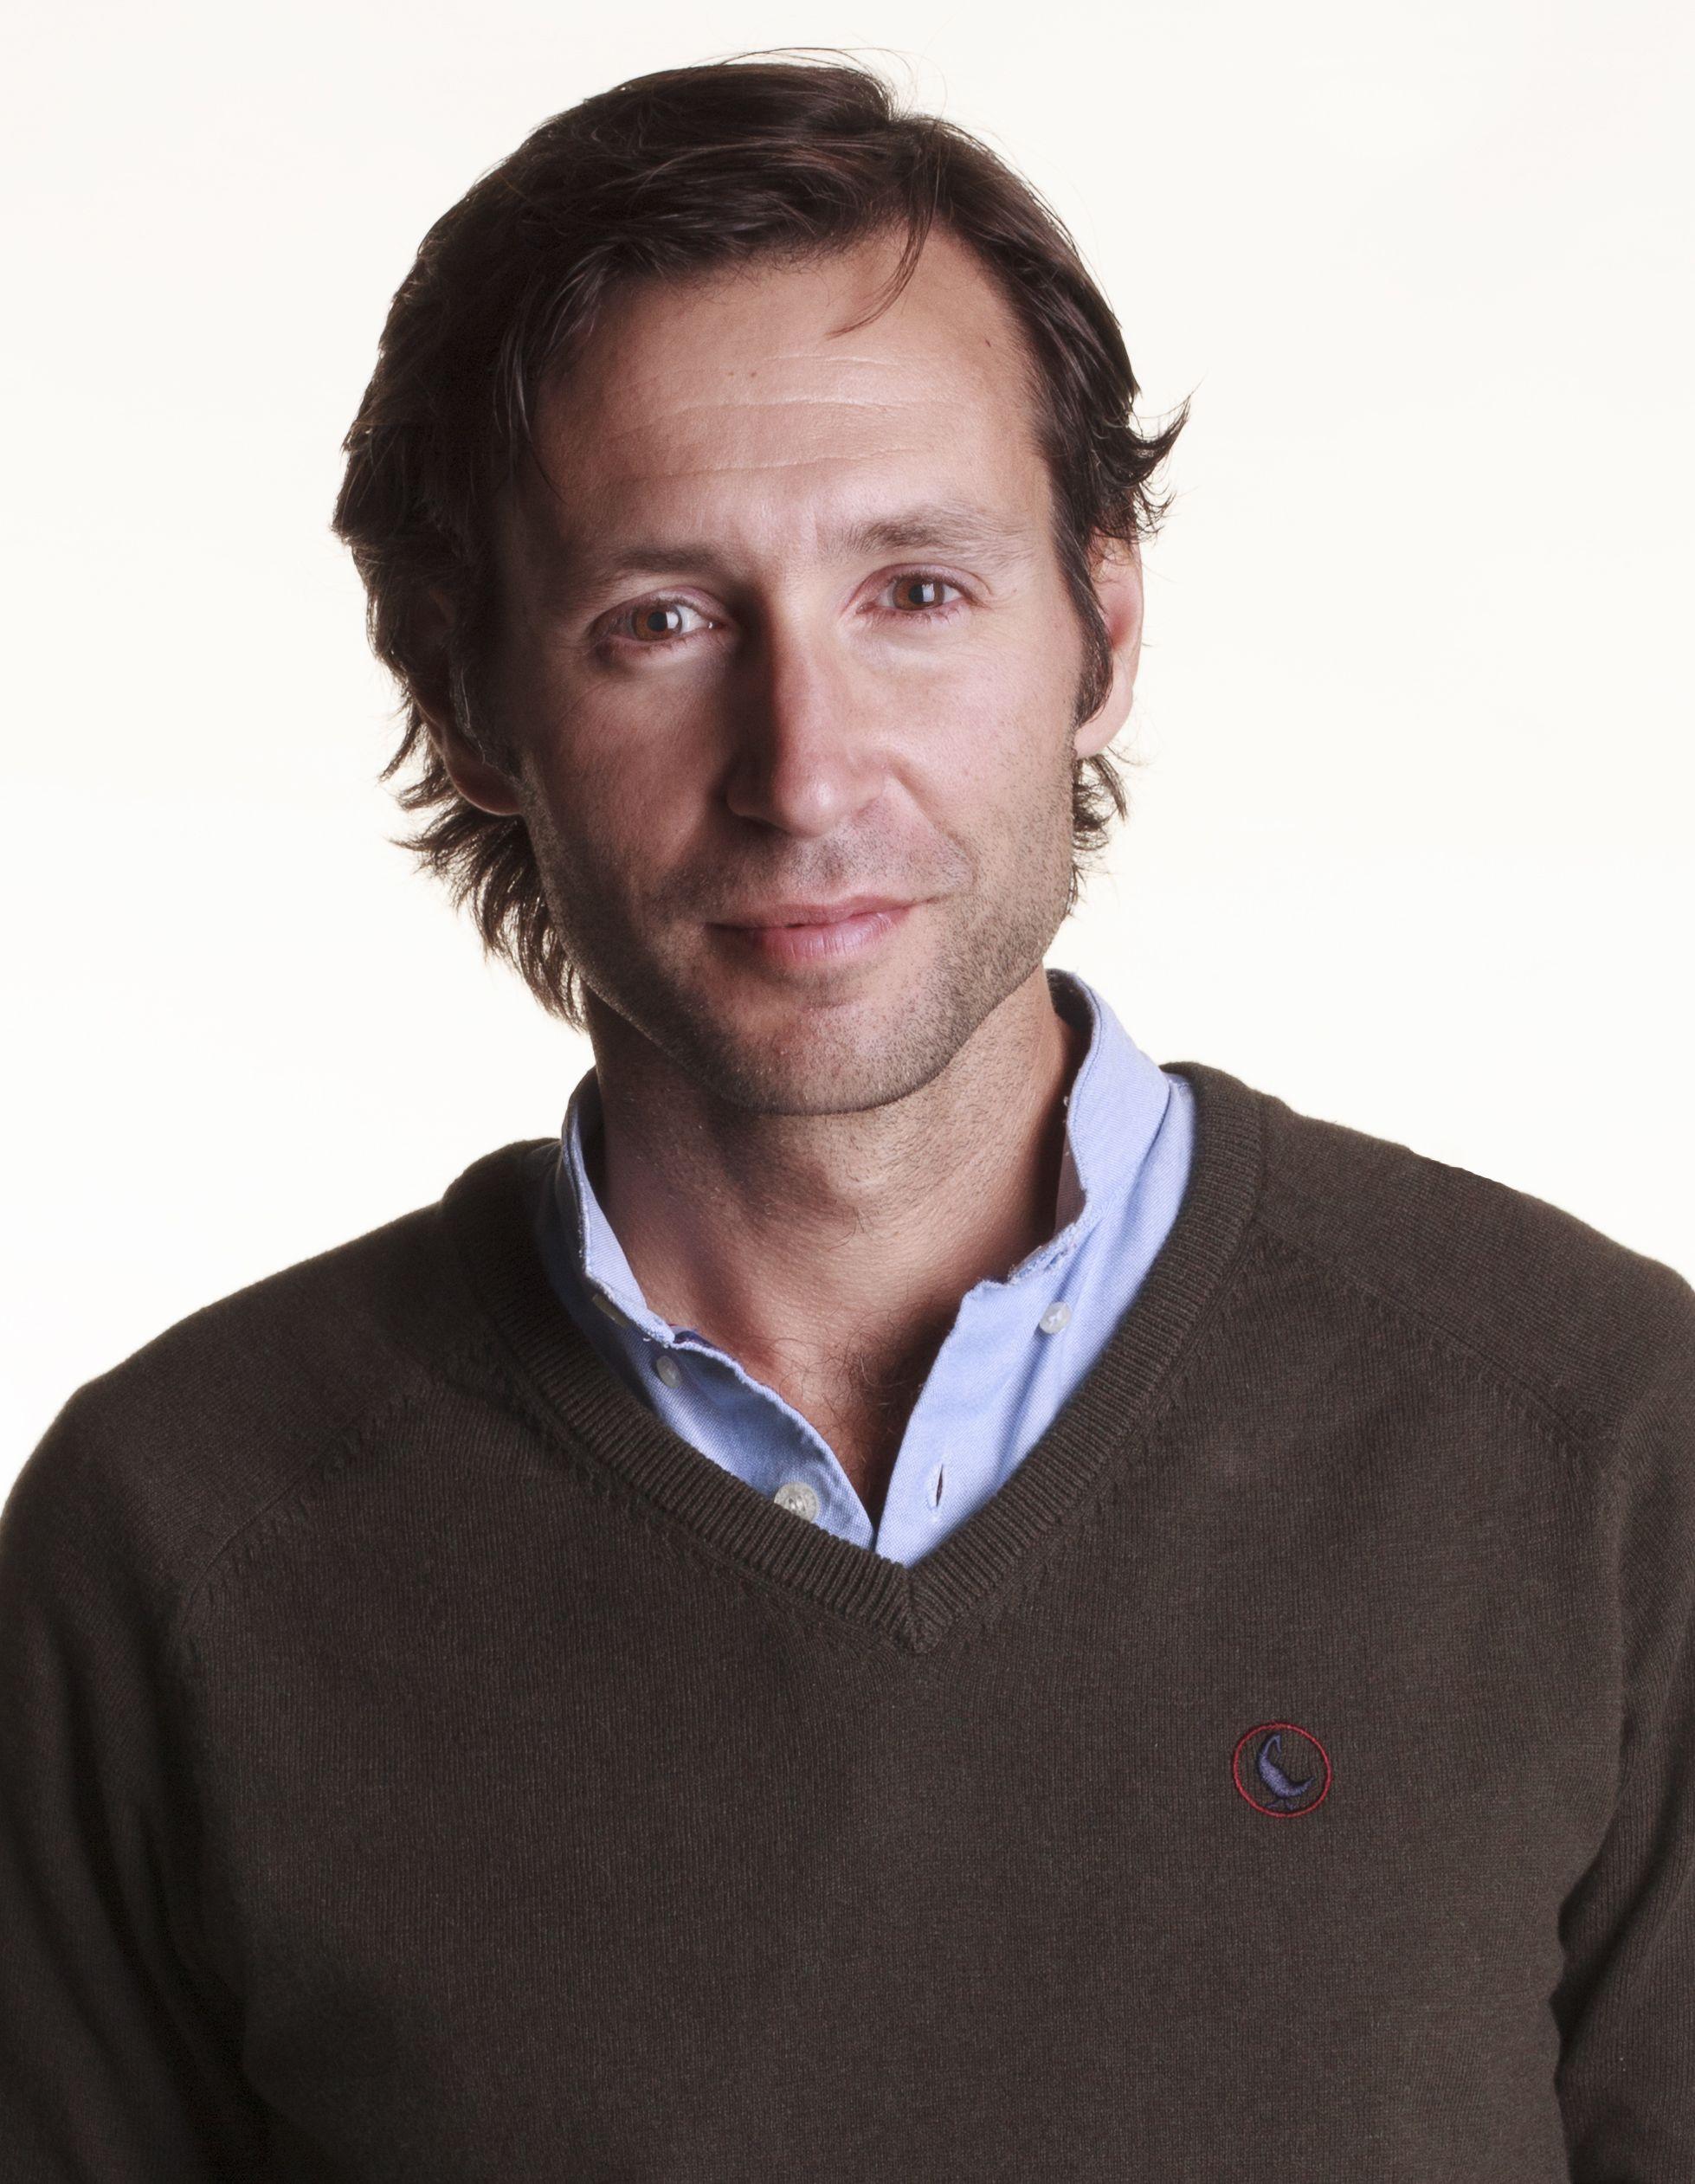 Clemente Cebrián